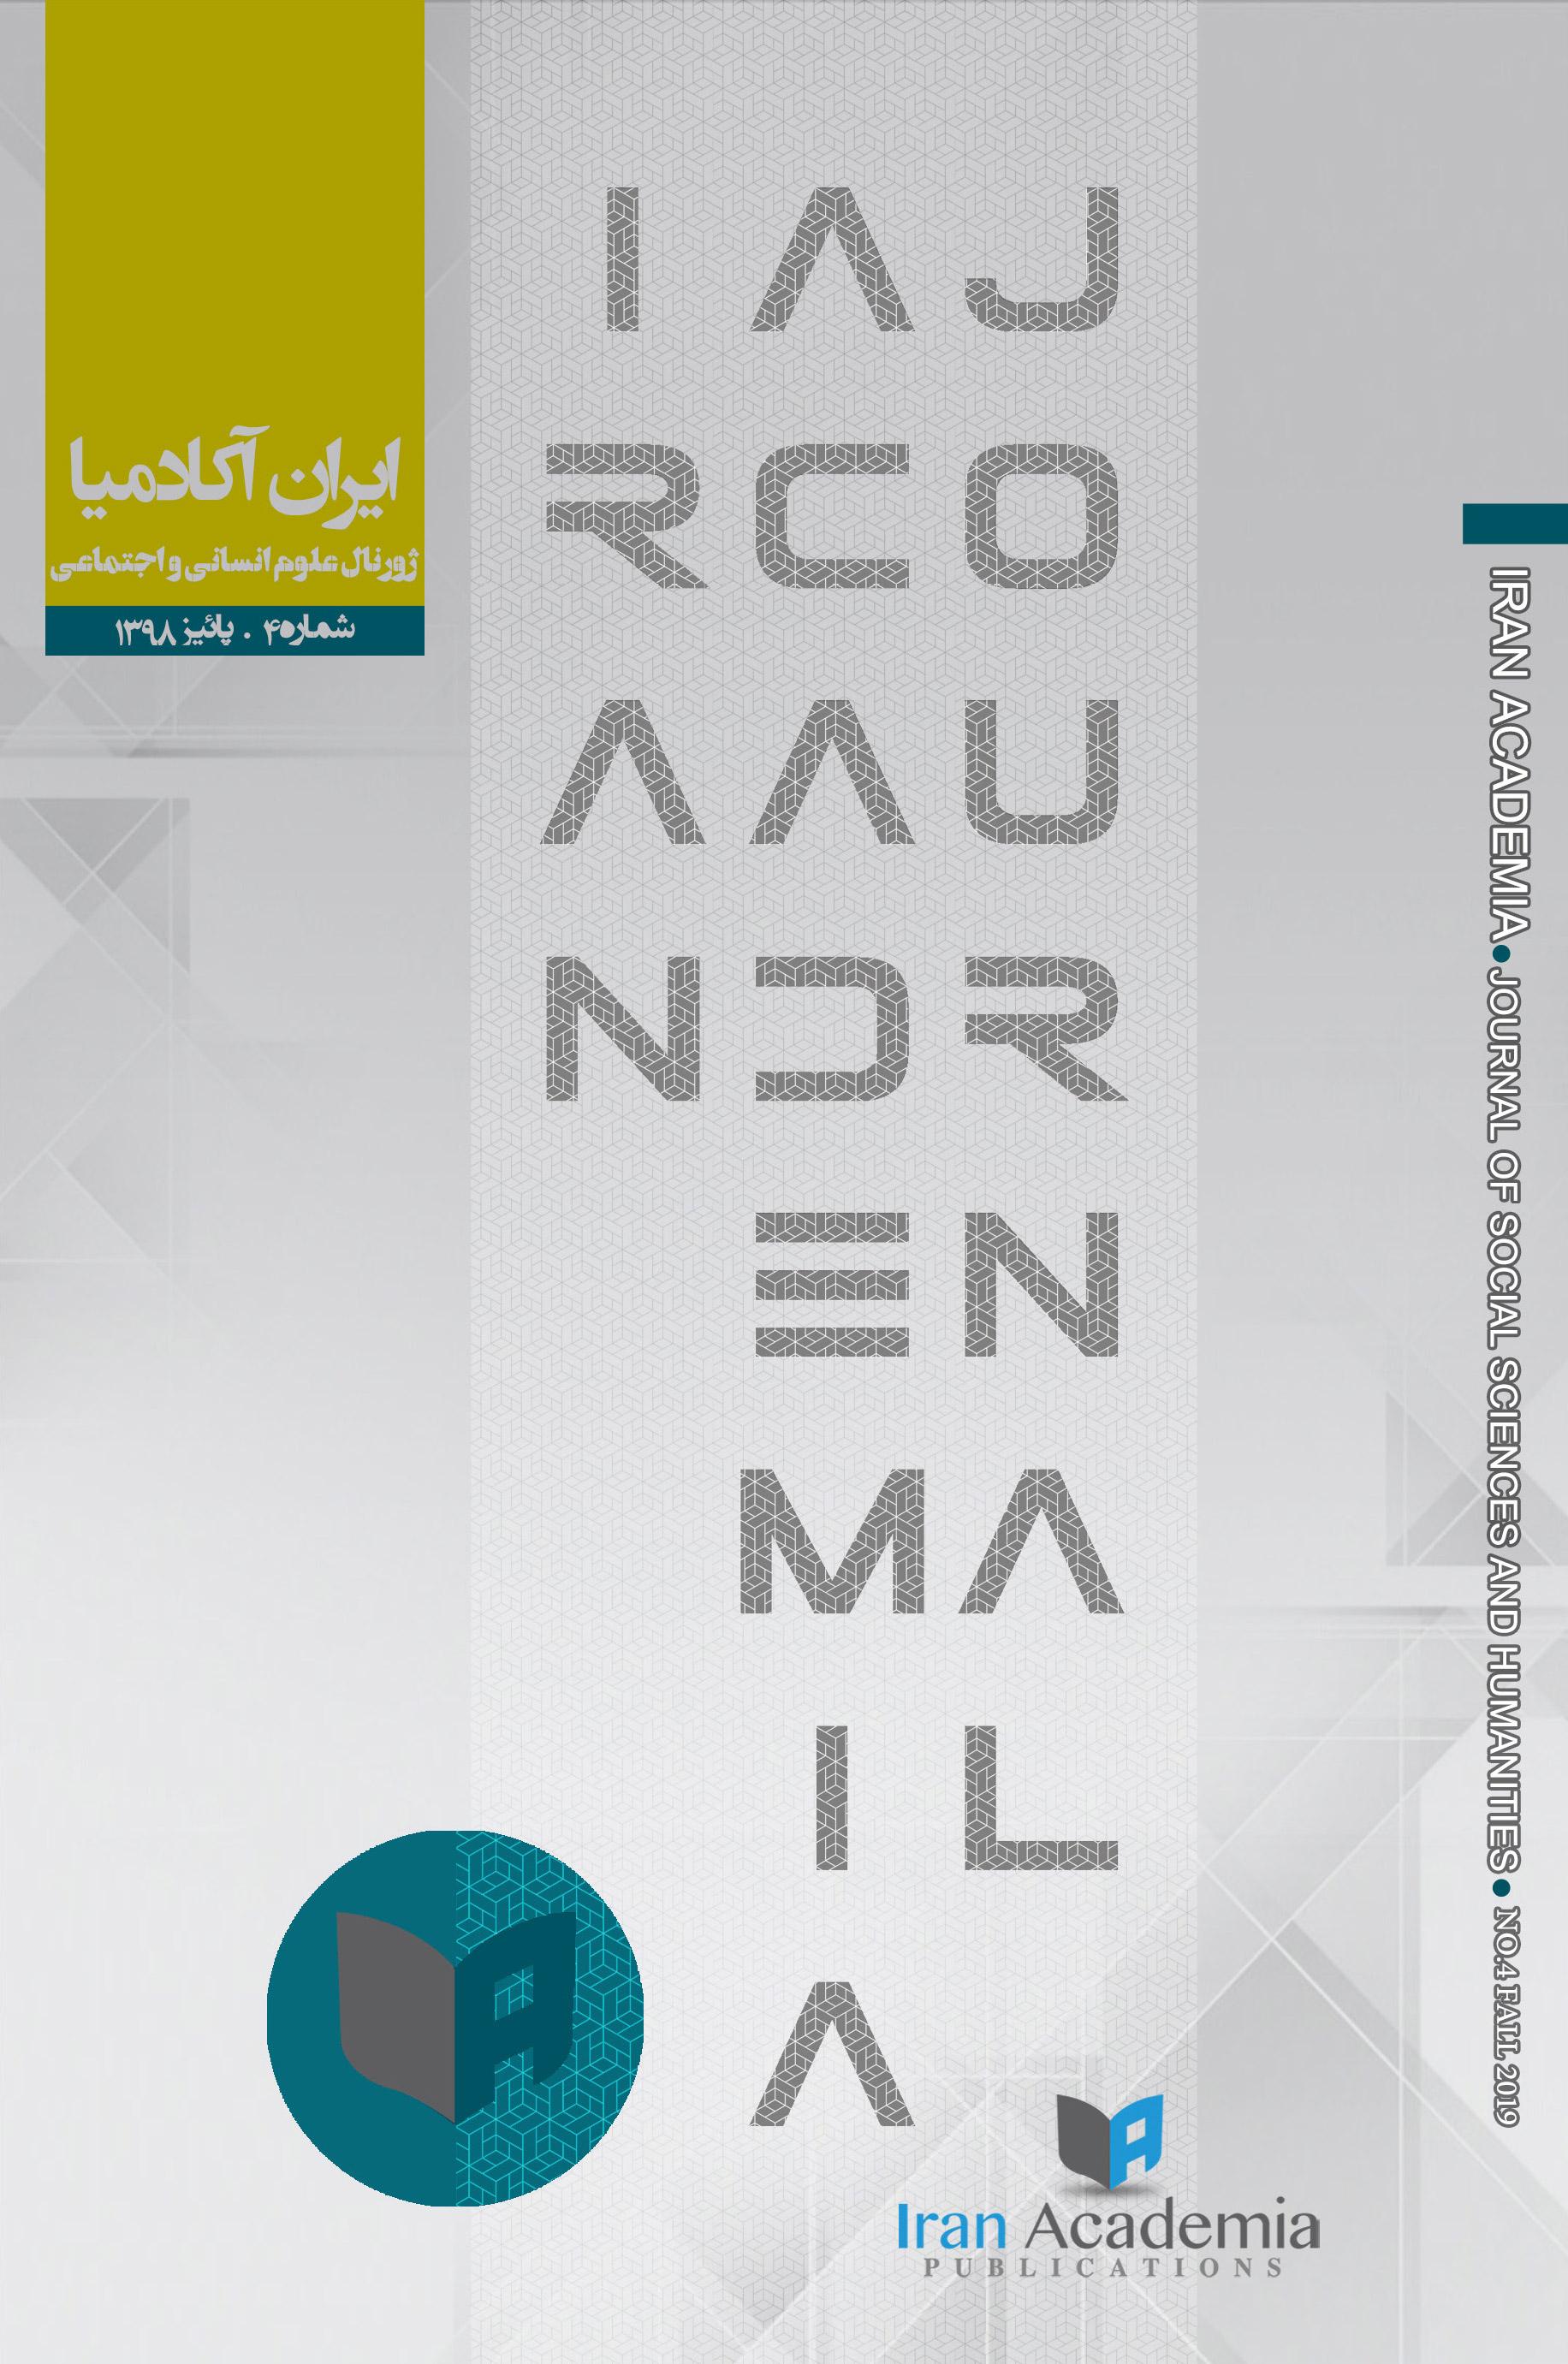 جلد چهارمین شماره ژورنال ایران آکادمیا